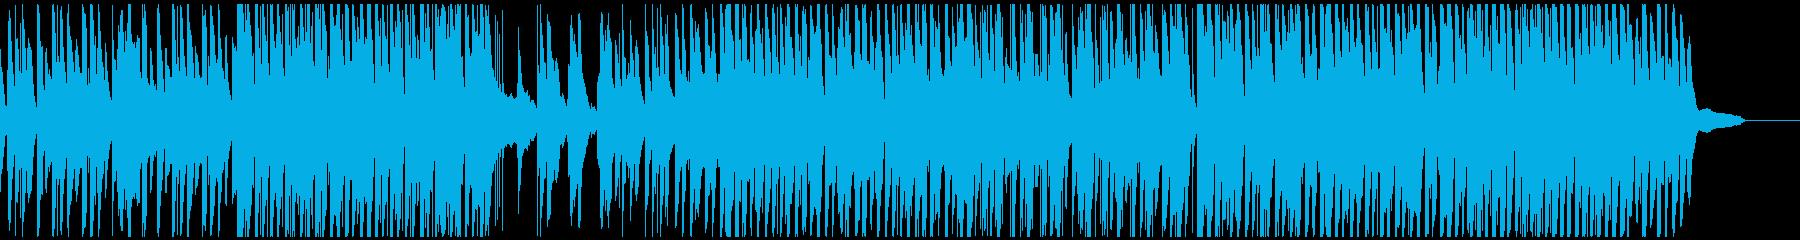 可愛くて少し切ない曲です。の再生済みの波形